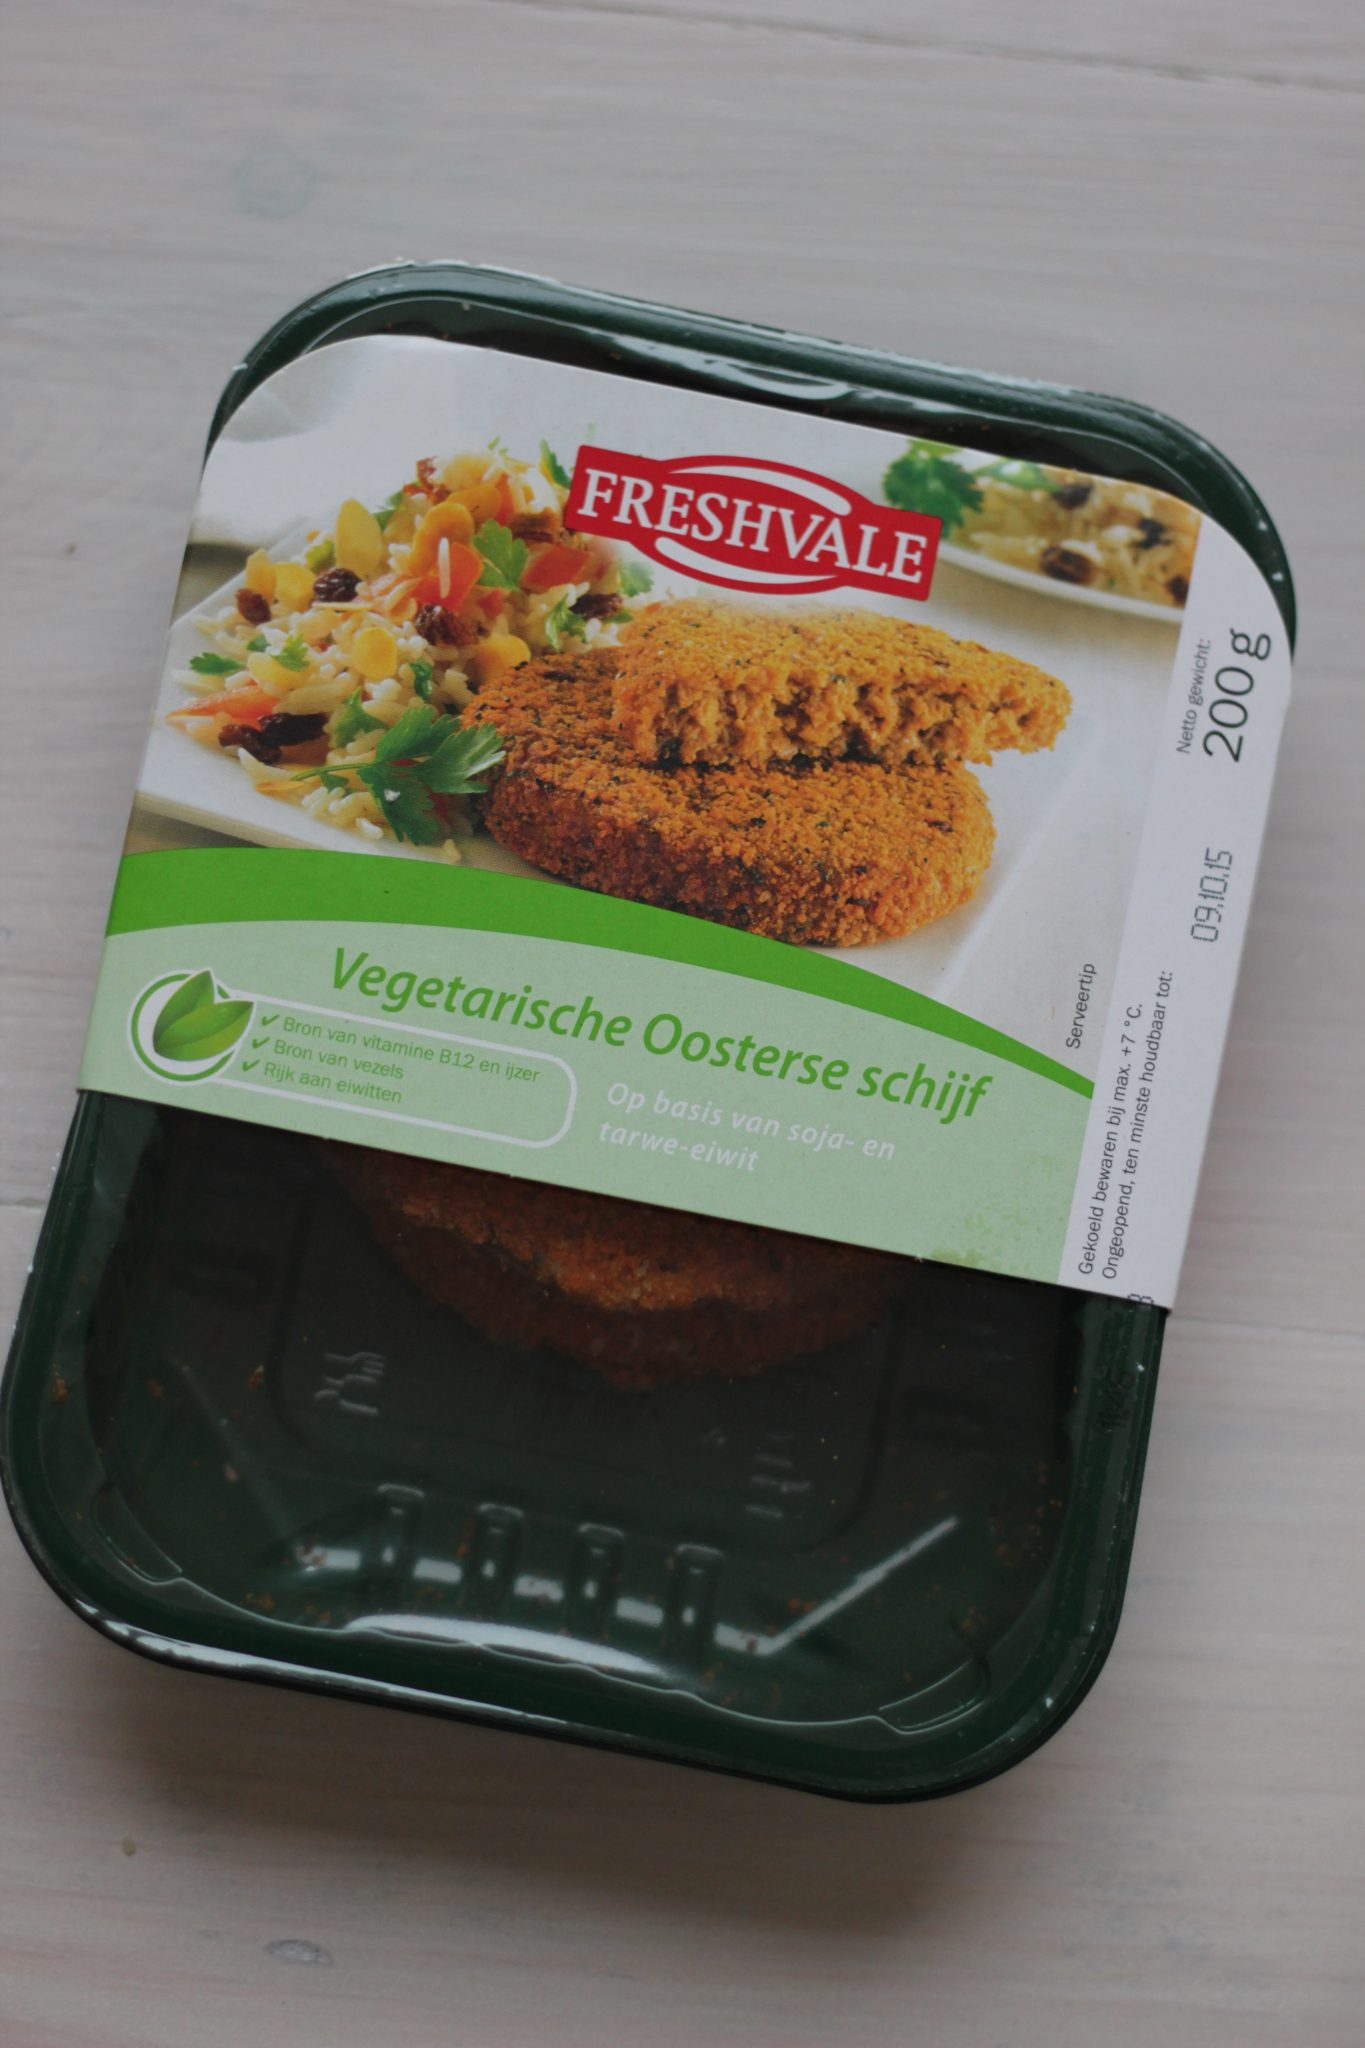 Gezondste en Lekkerste Vleesvervanger Deel 4: Lidl Freshvale vegetarische Oosterse Schijf